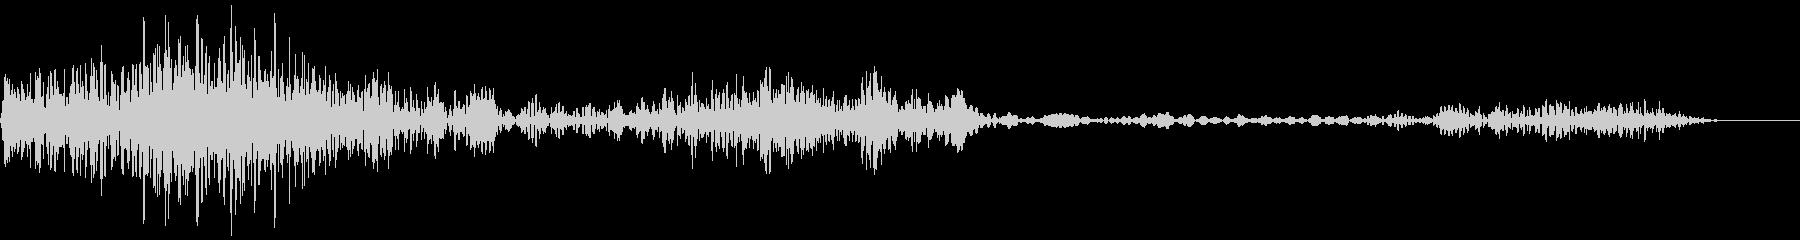 衝撃、ノイズ(バシッシュワシュワ)の未再生の波形